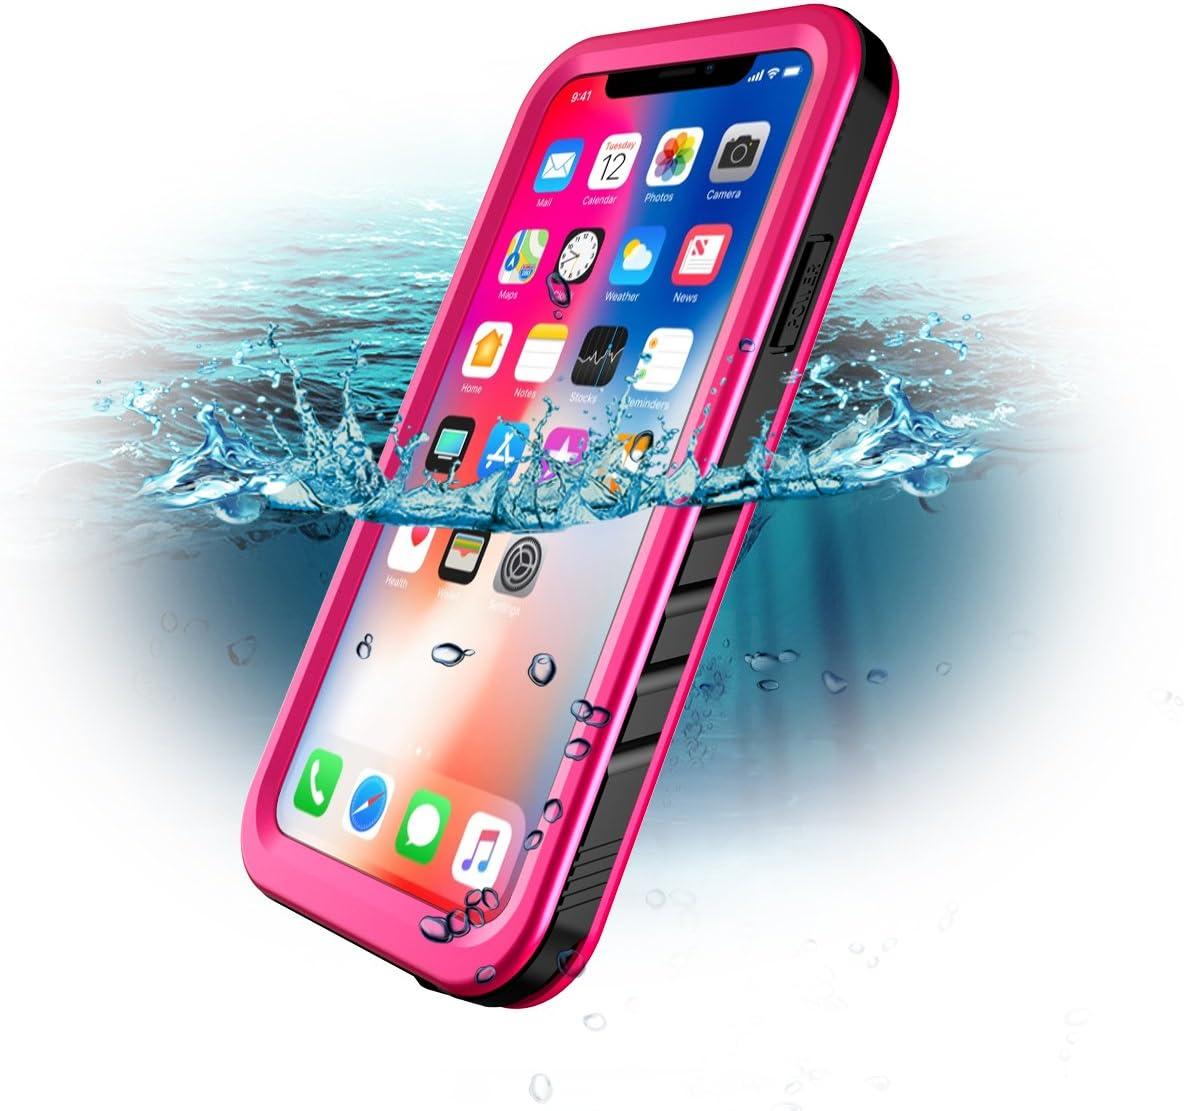 SPORTLINK Custodia Impermeabile per iPhone X/iPhone XS, IP68 Certificato Waterproof Cover Slim Subacquea Caso Full Protezione Case Protettiva per ...